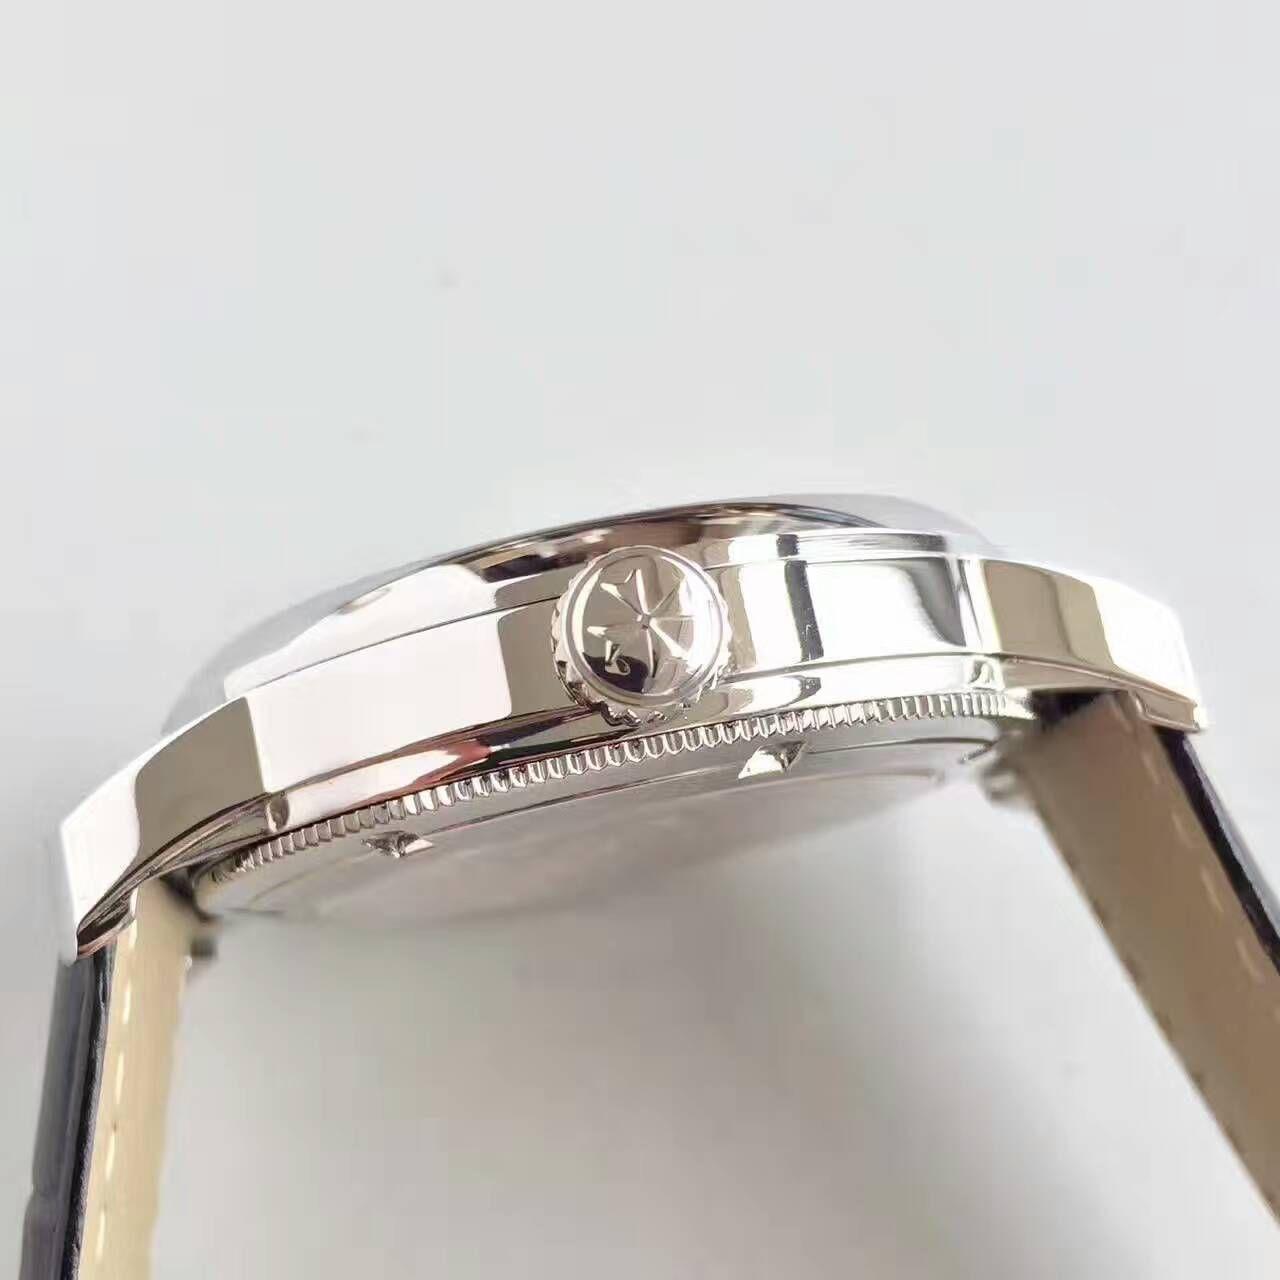 【LH厂顶级1:1精仿手表】江诗丹顿传袭系列6500T/000P-B100真陀飞轮腕表